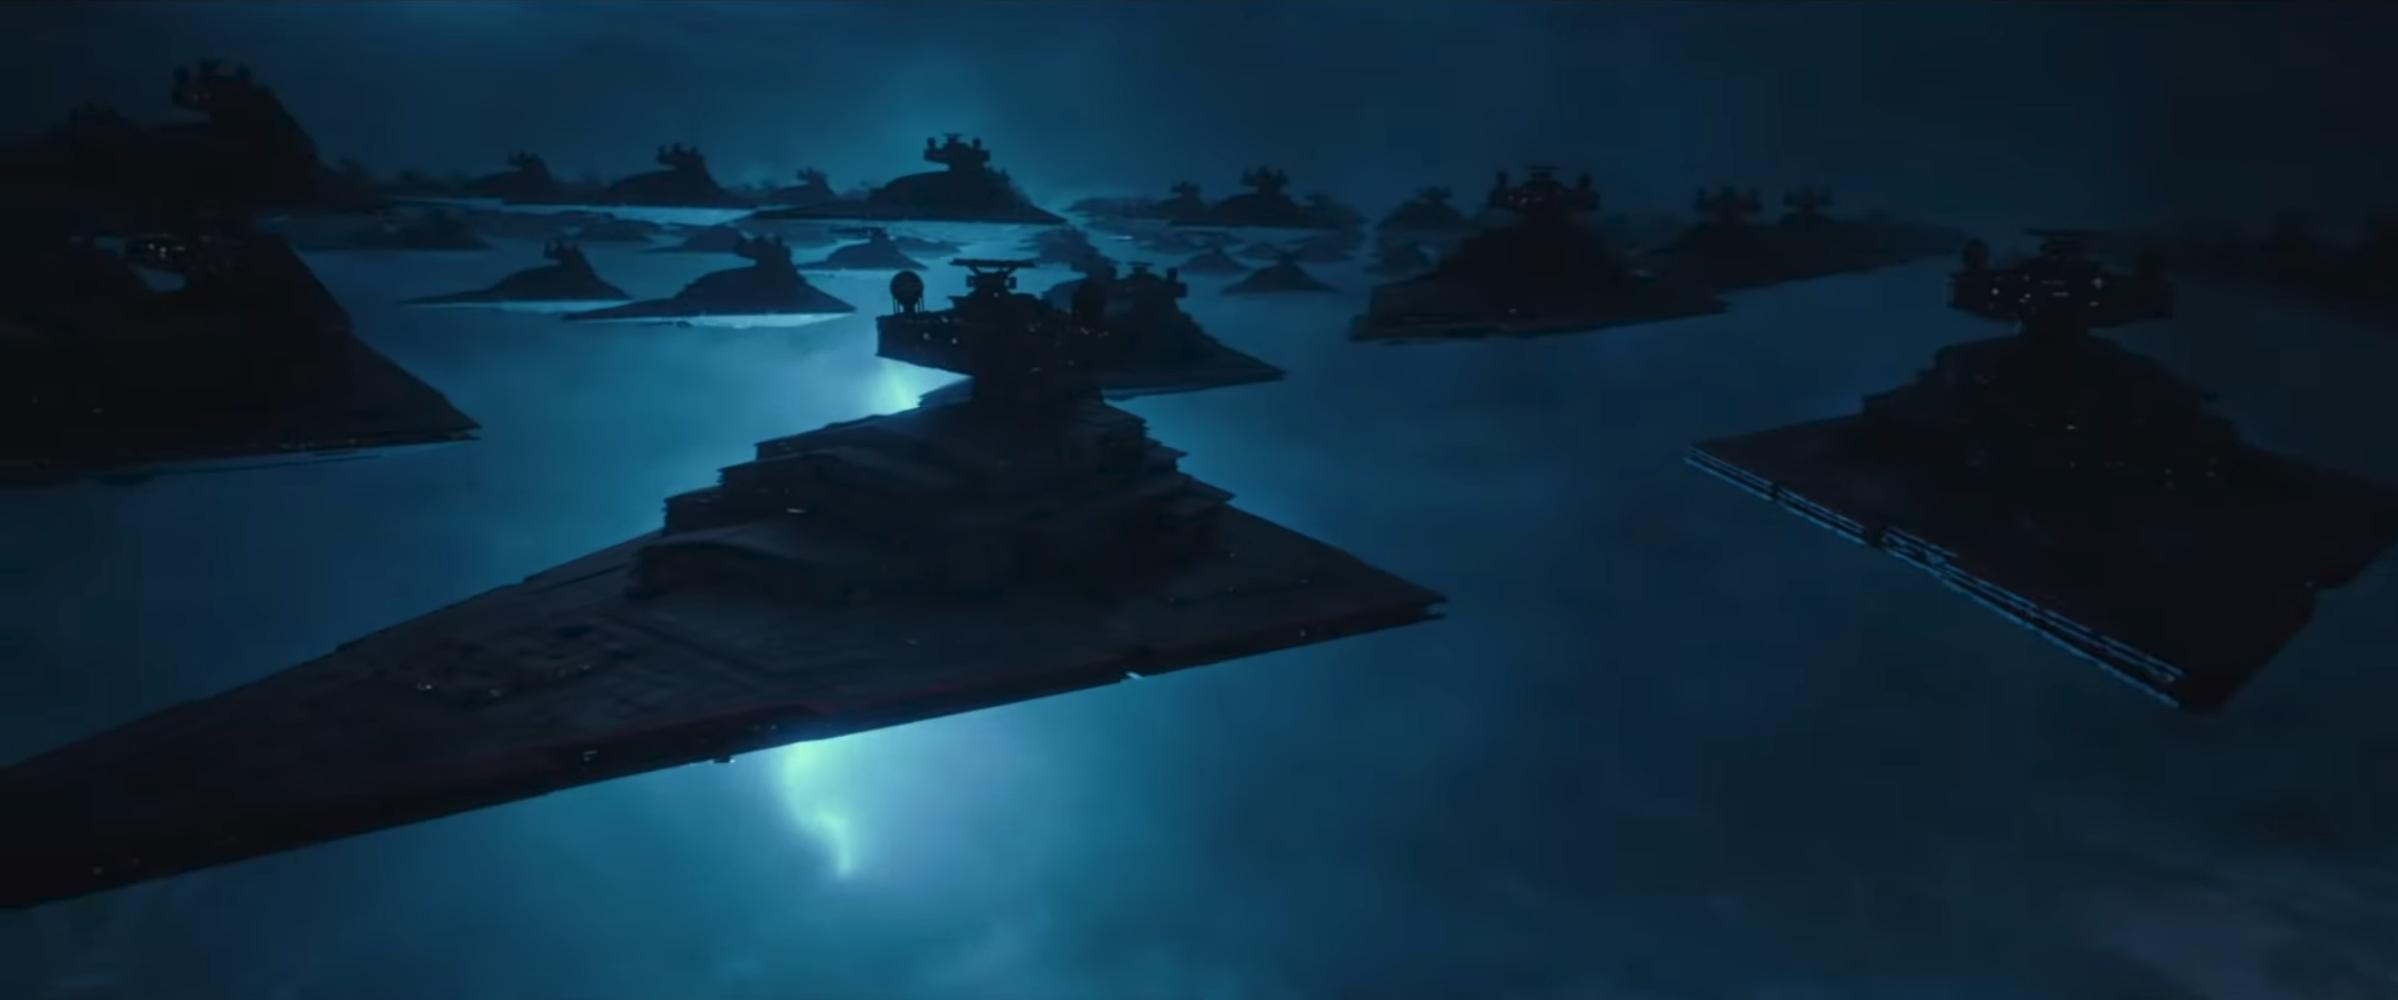 Star Wars The Rise Of Skywalker D23 Trailer Breakdown Who Is